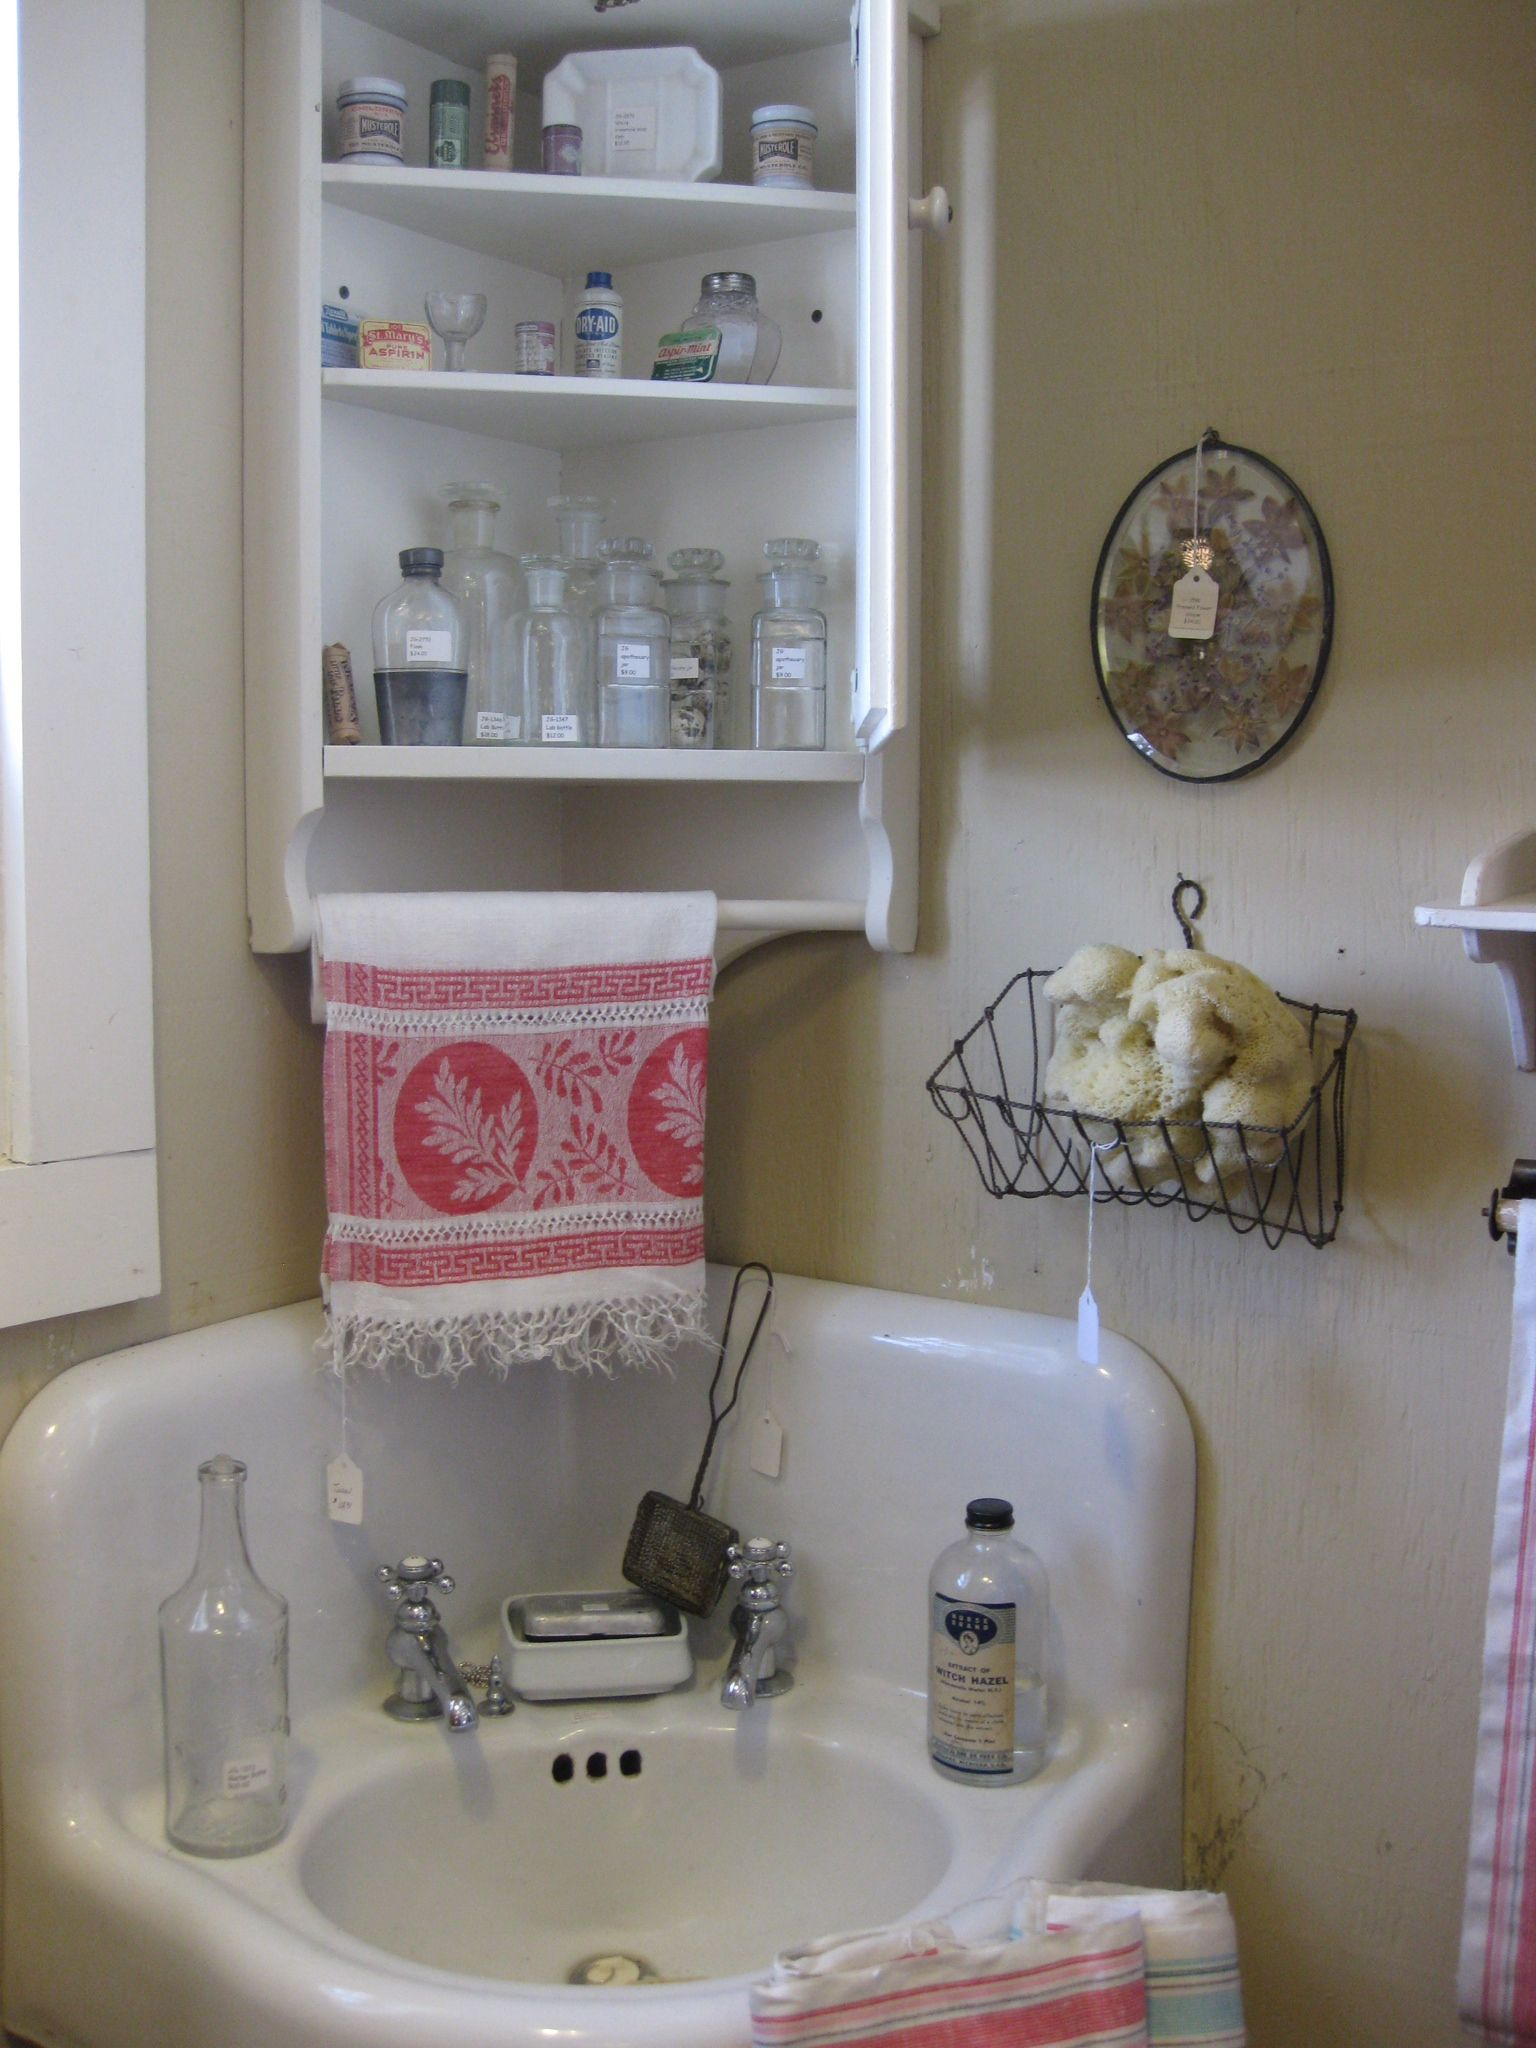 Vintage Corner Sink And Bathroom Accessories Bathroom Pinterest Vintage Accessories And